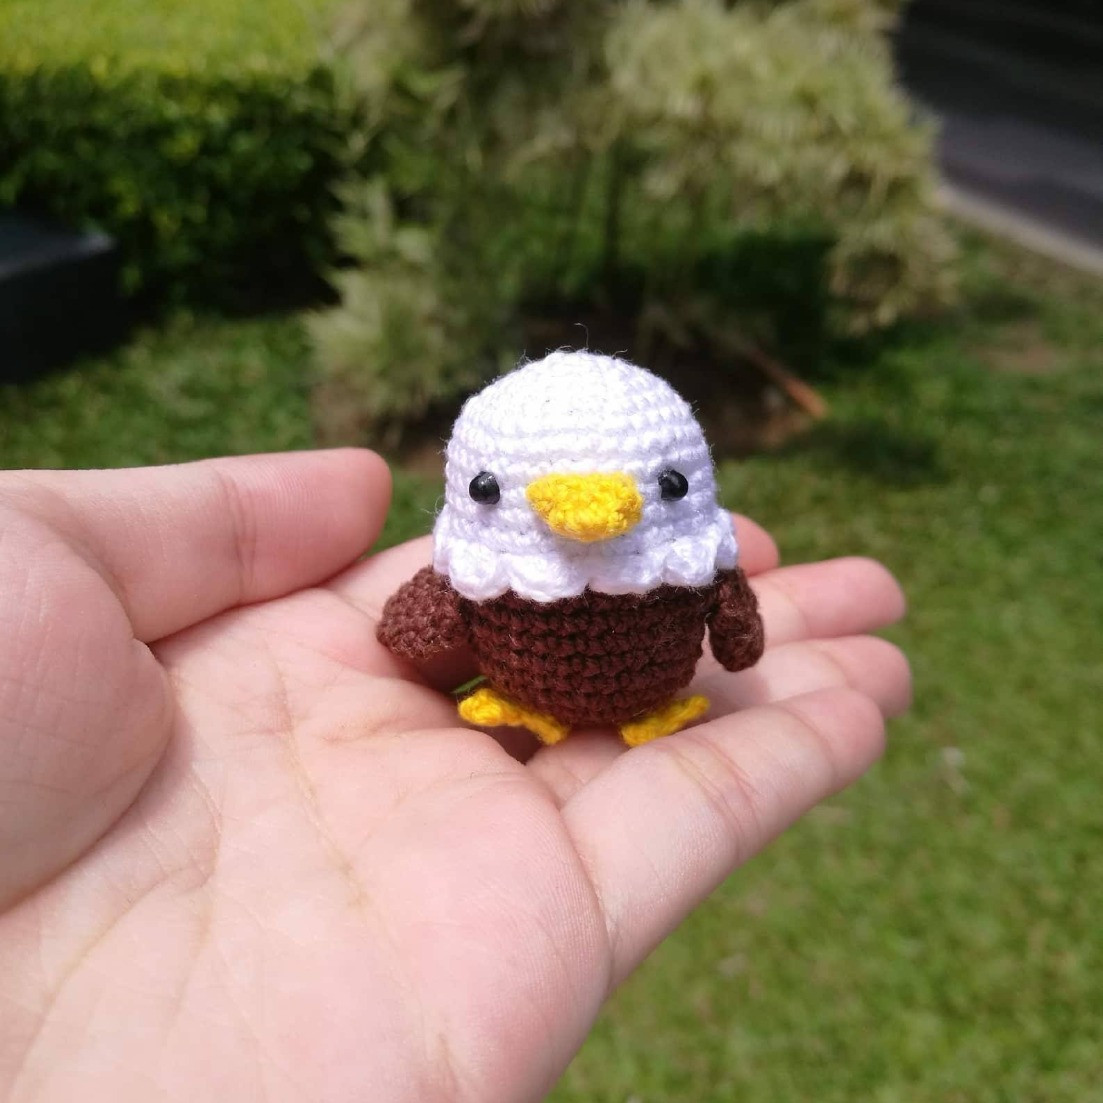 Amigurumi Little Birds Free Crochet Pattern | Haakpatronen ... | 1330x1330